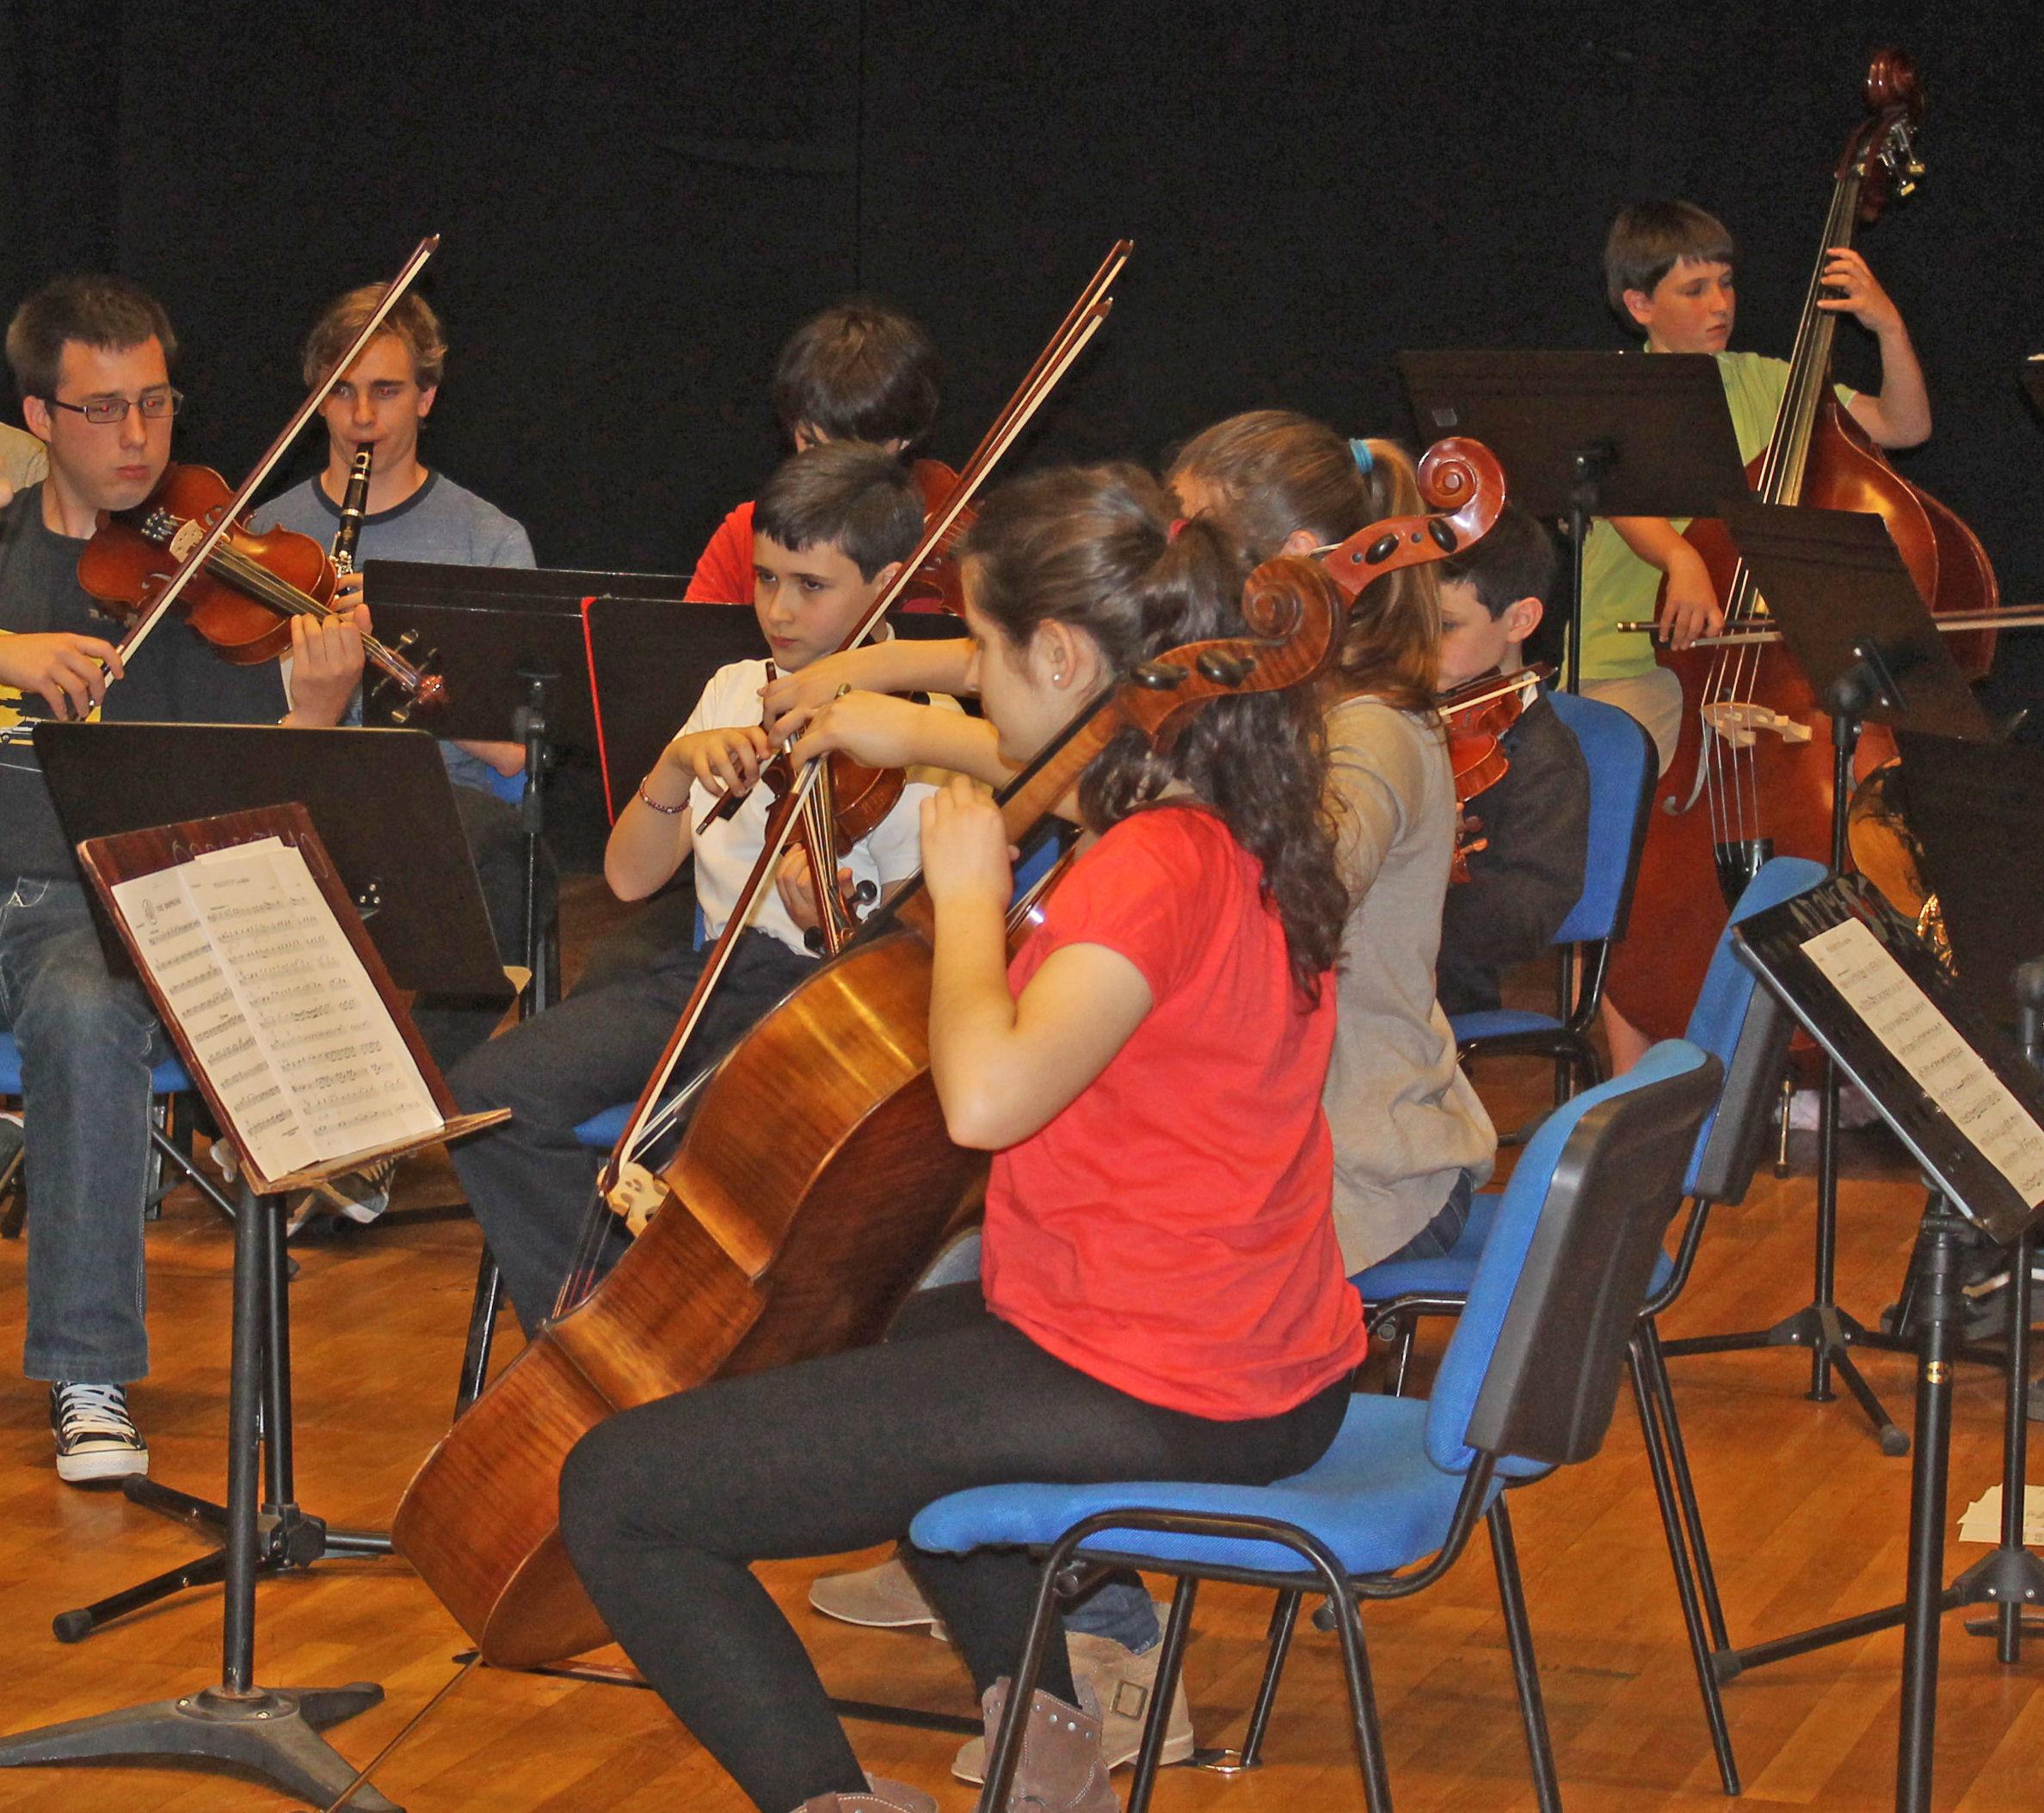 PRUEBA DE ACCESO A LA ENSEÑANZA PROFESIONAL DE LA MUSICA: Cursos de ARTEBI